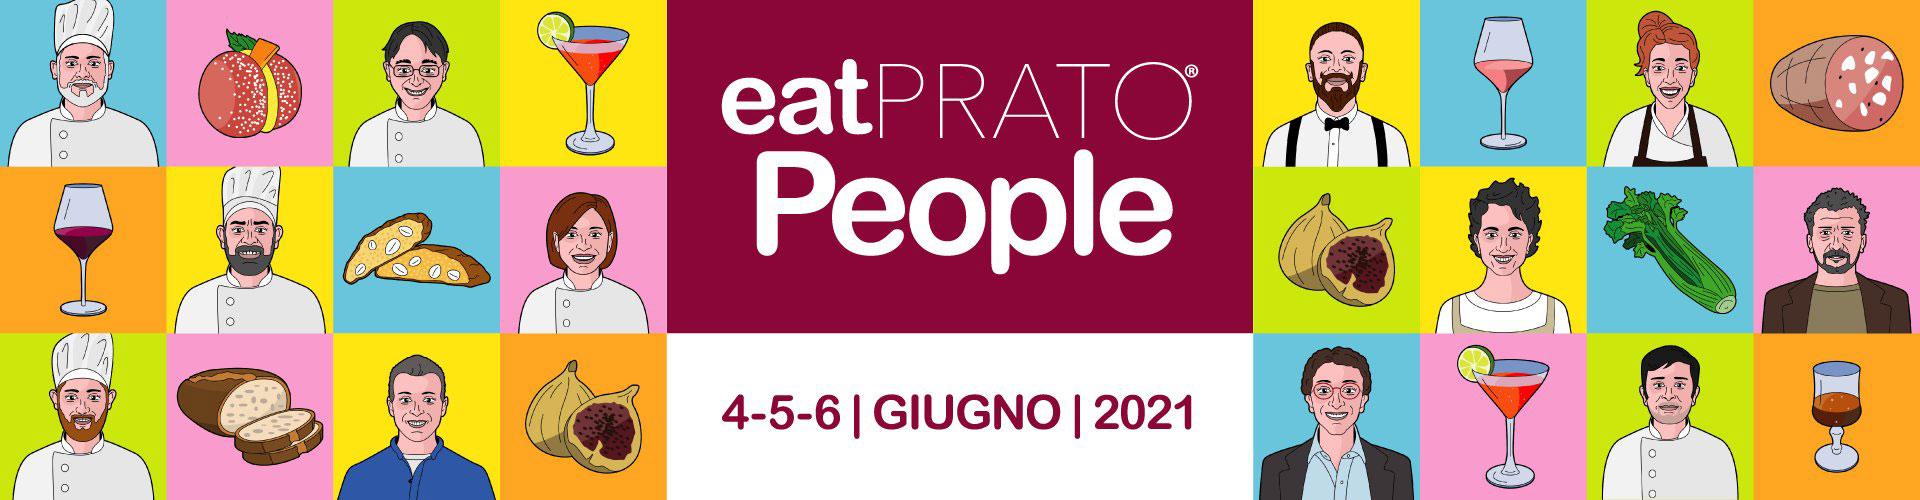 Slide eatPrato 2021